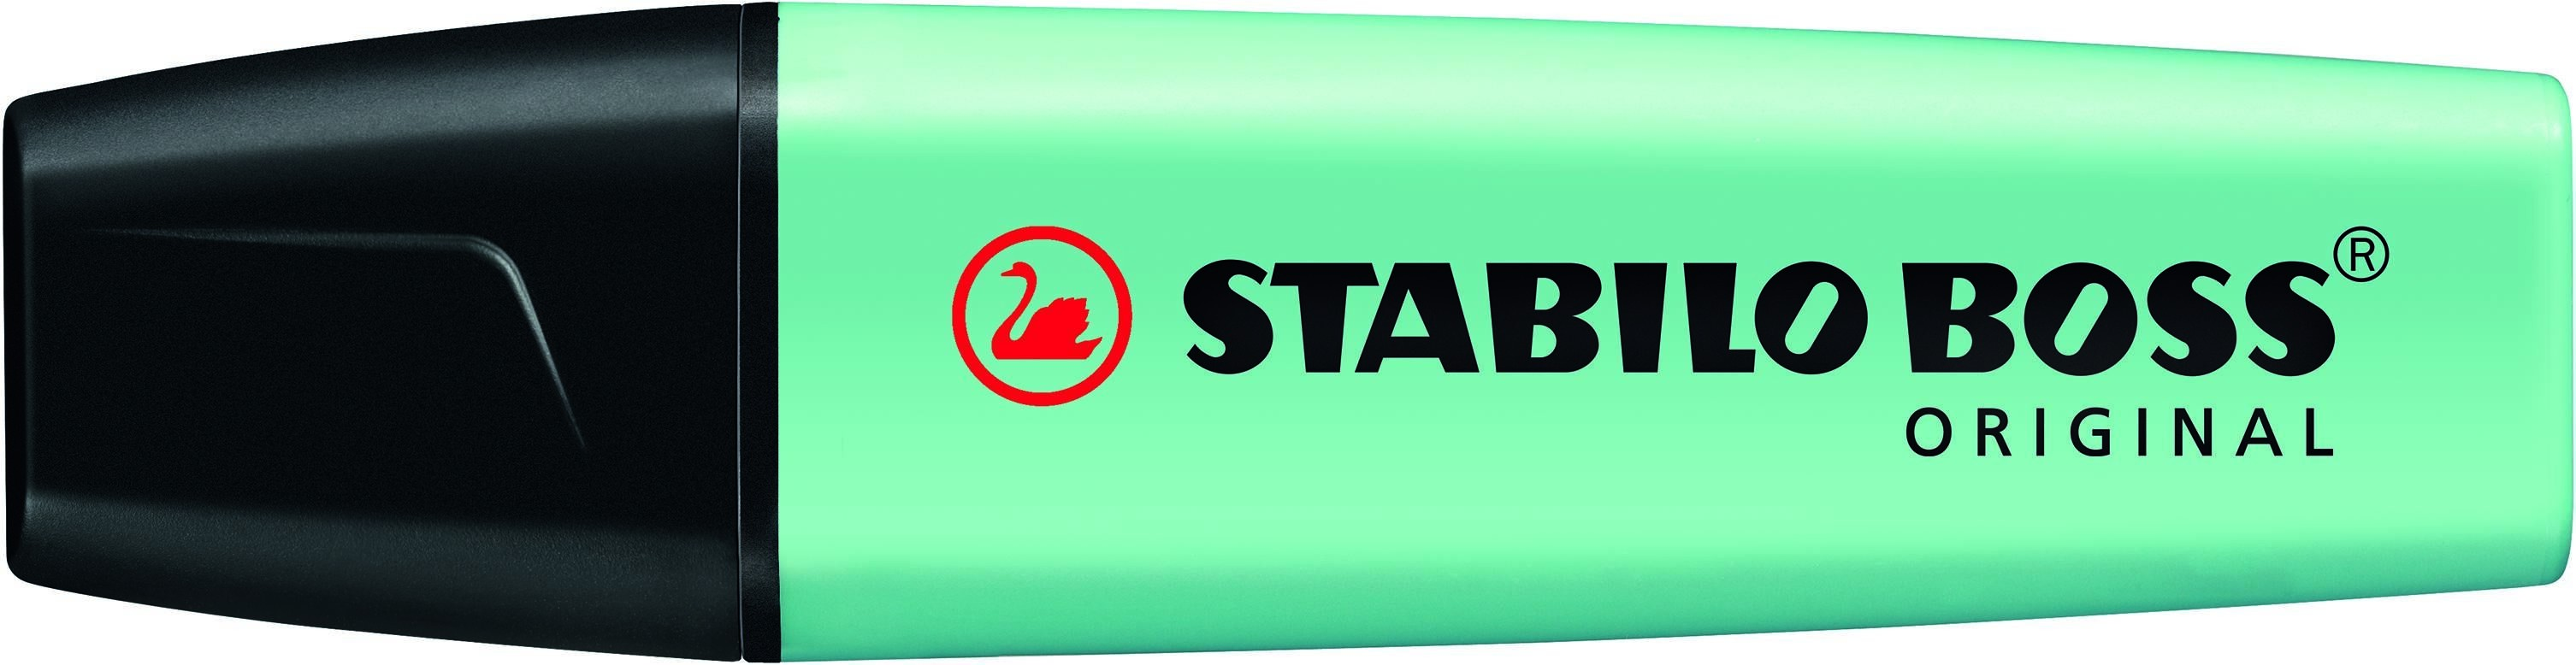 STABILO BOSS ORIGINAL - Surligneur - turquoise